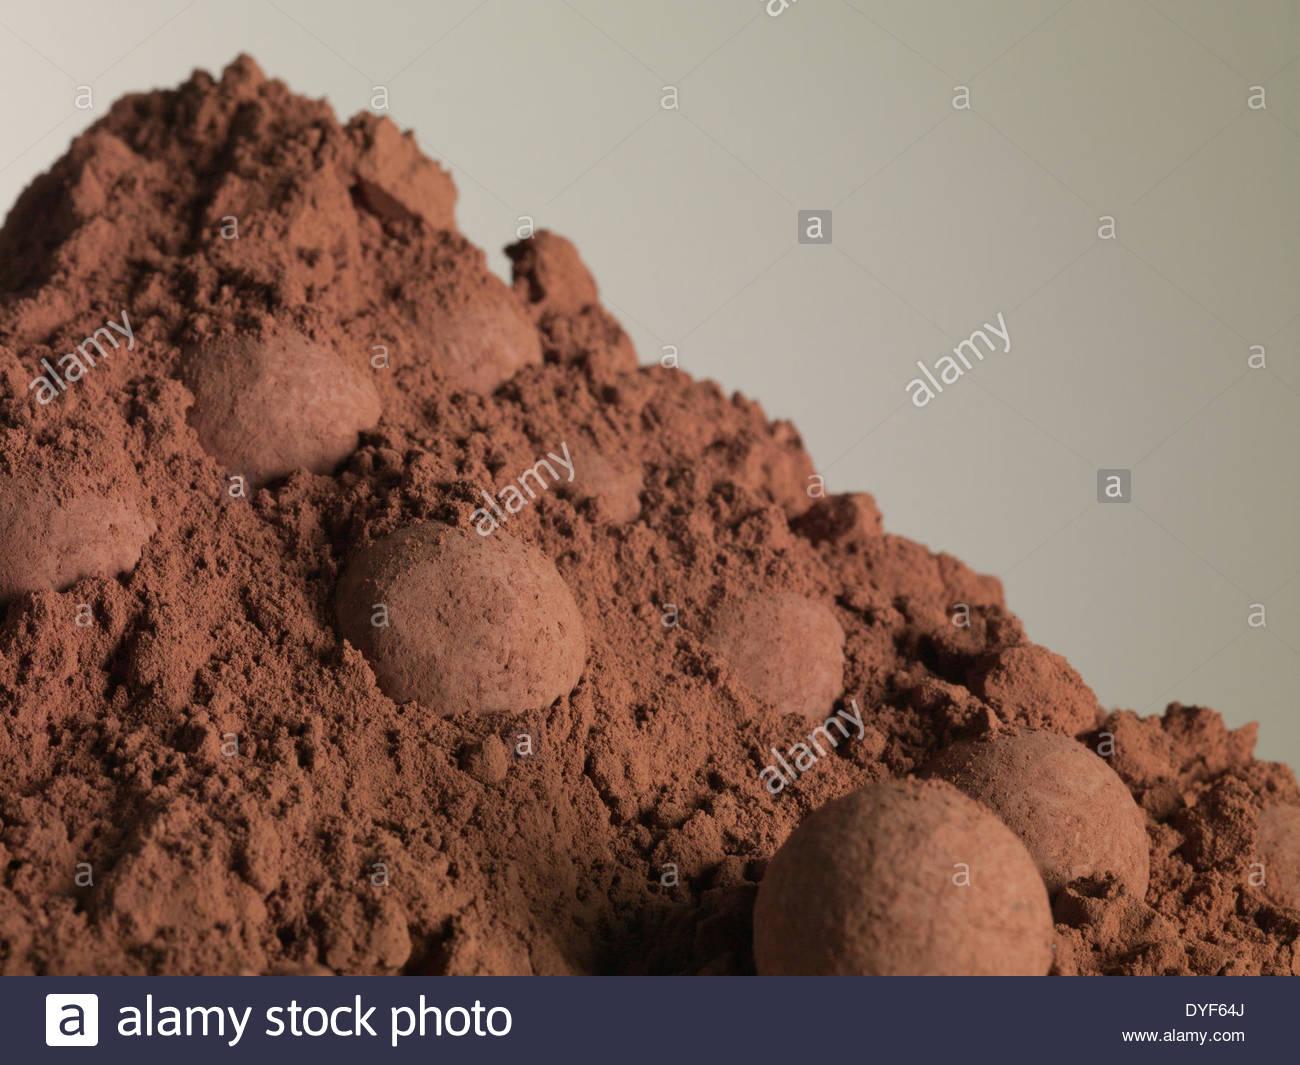 Haufen von Kakaopulver und Trüffel Stockbild